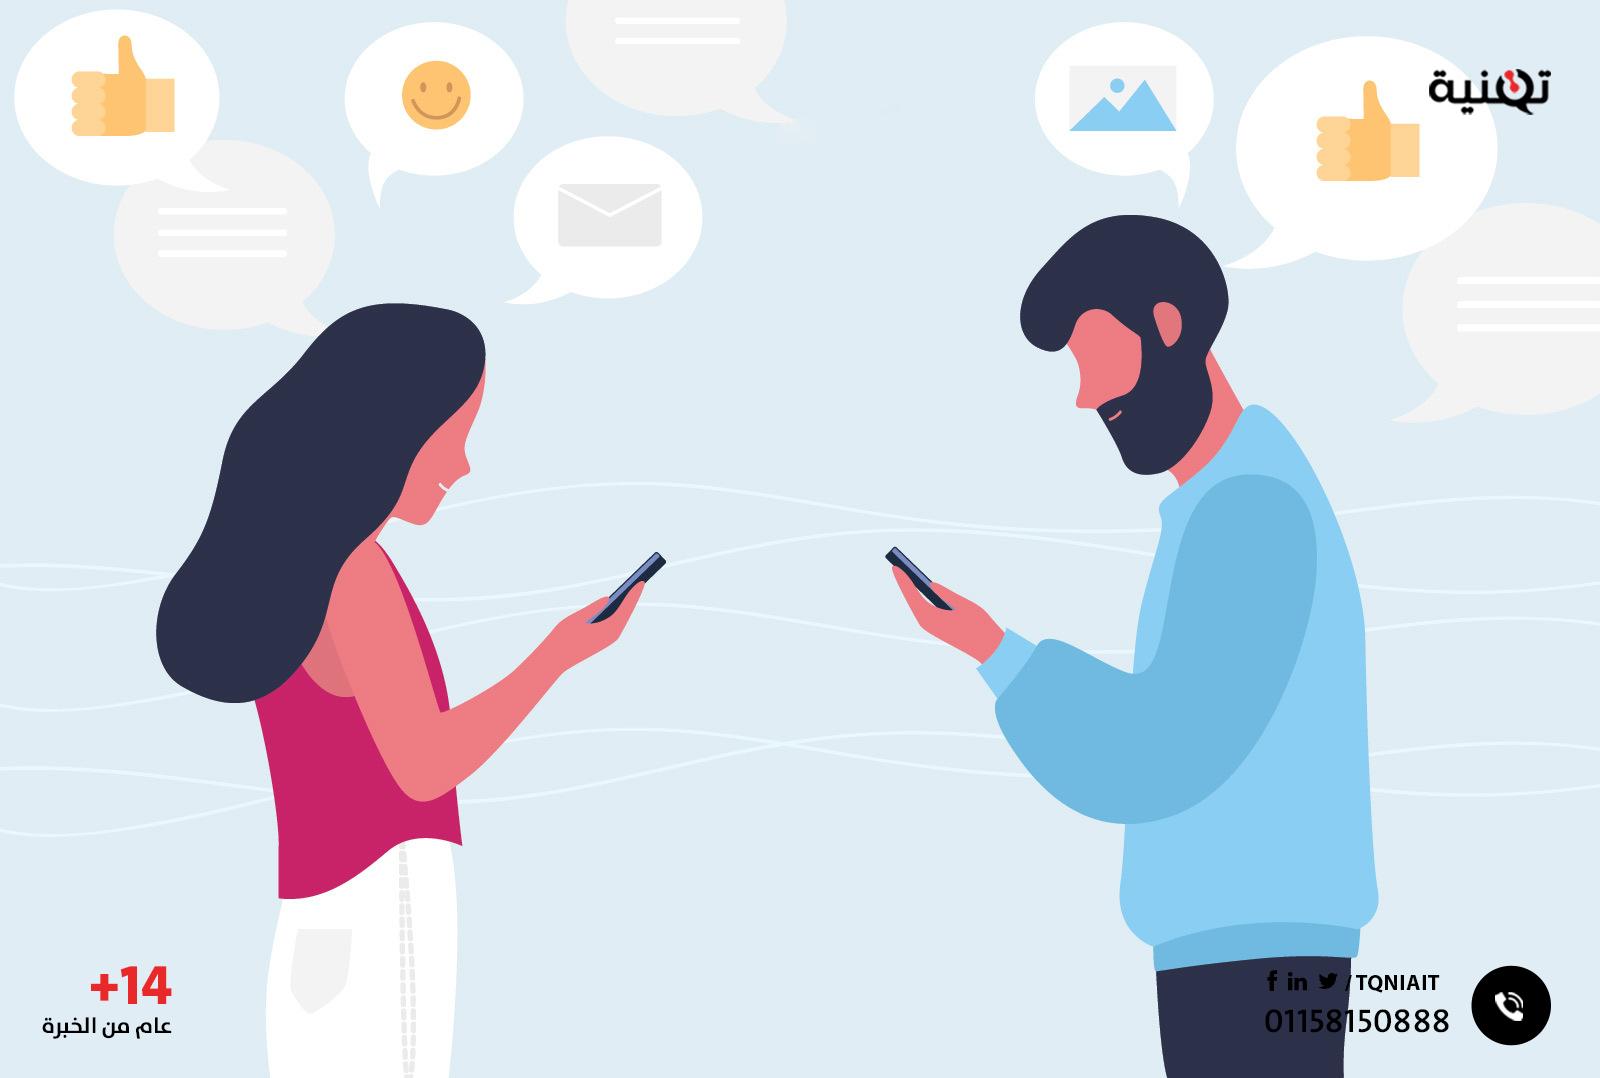 تحويل متابعينك على منصات التواصل إلى عملاء لمتجرك الإلكتروني